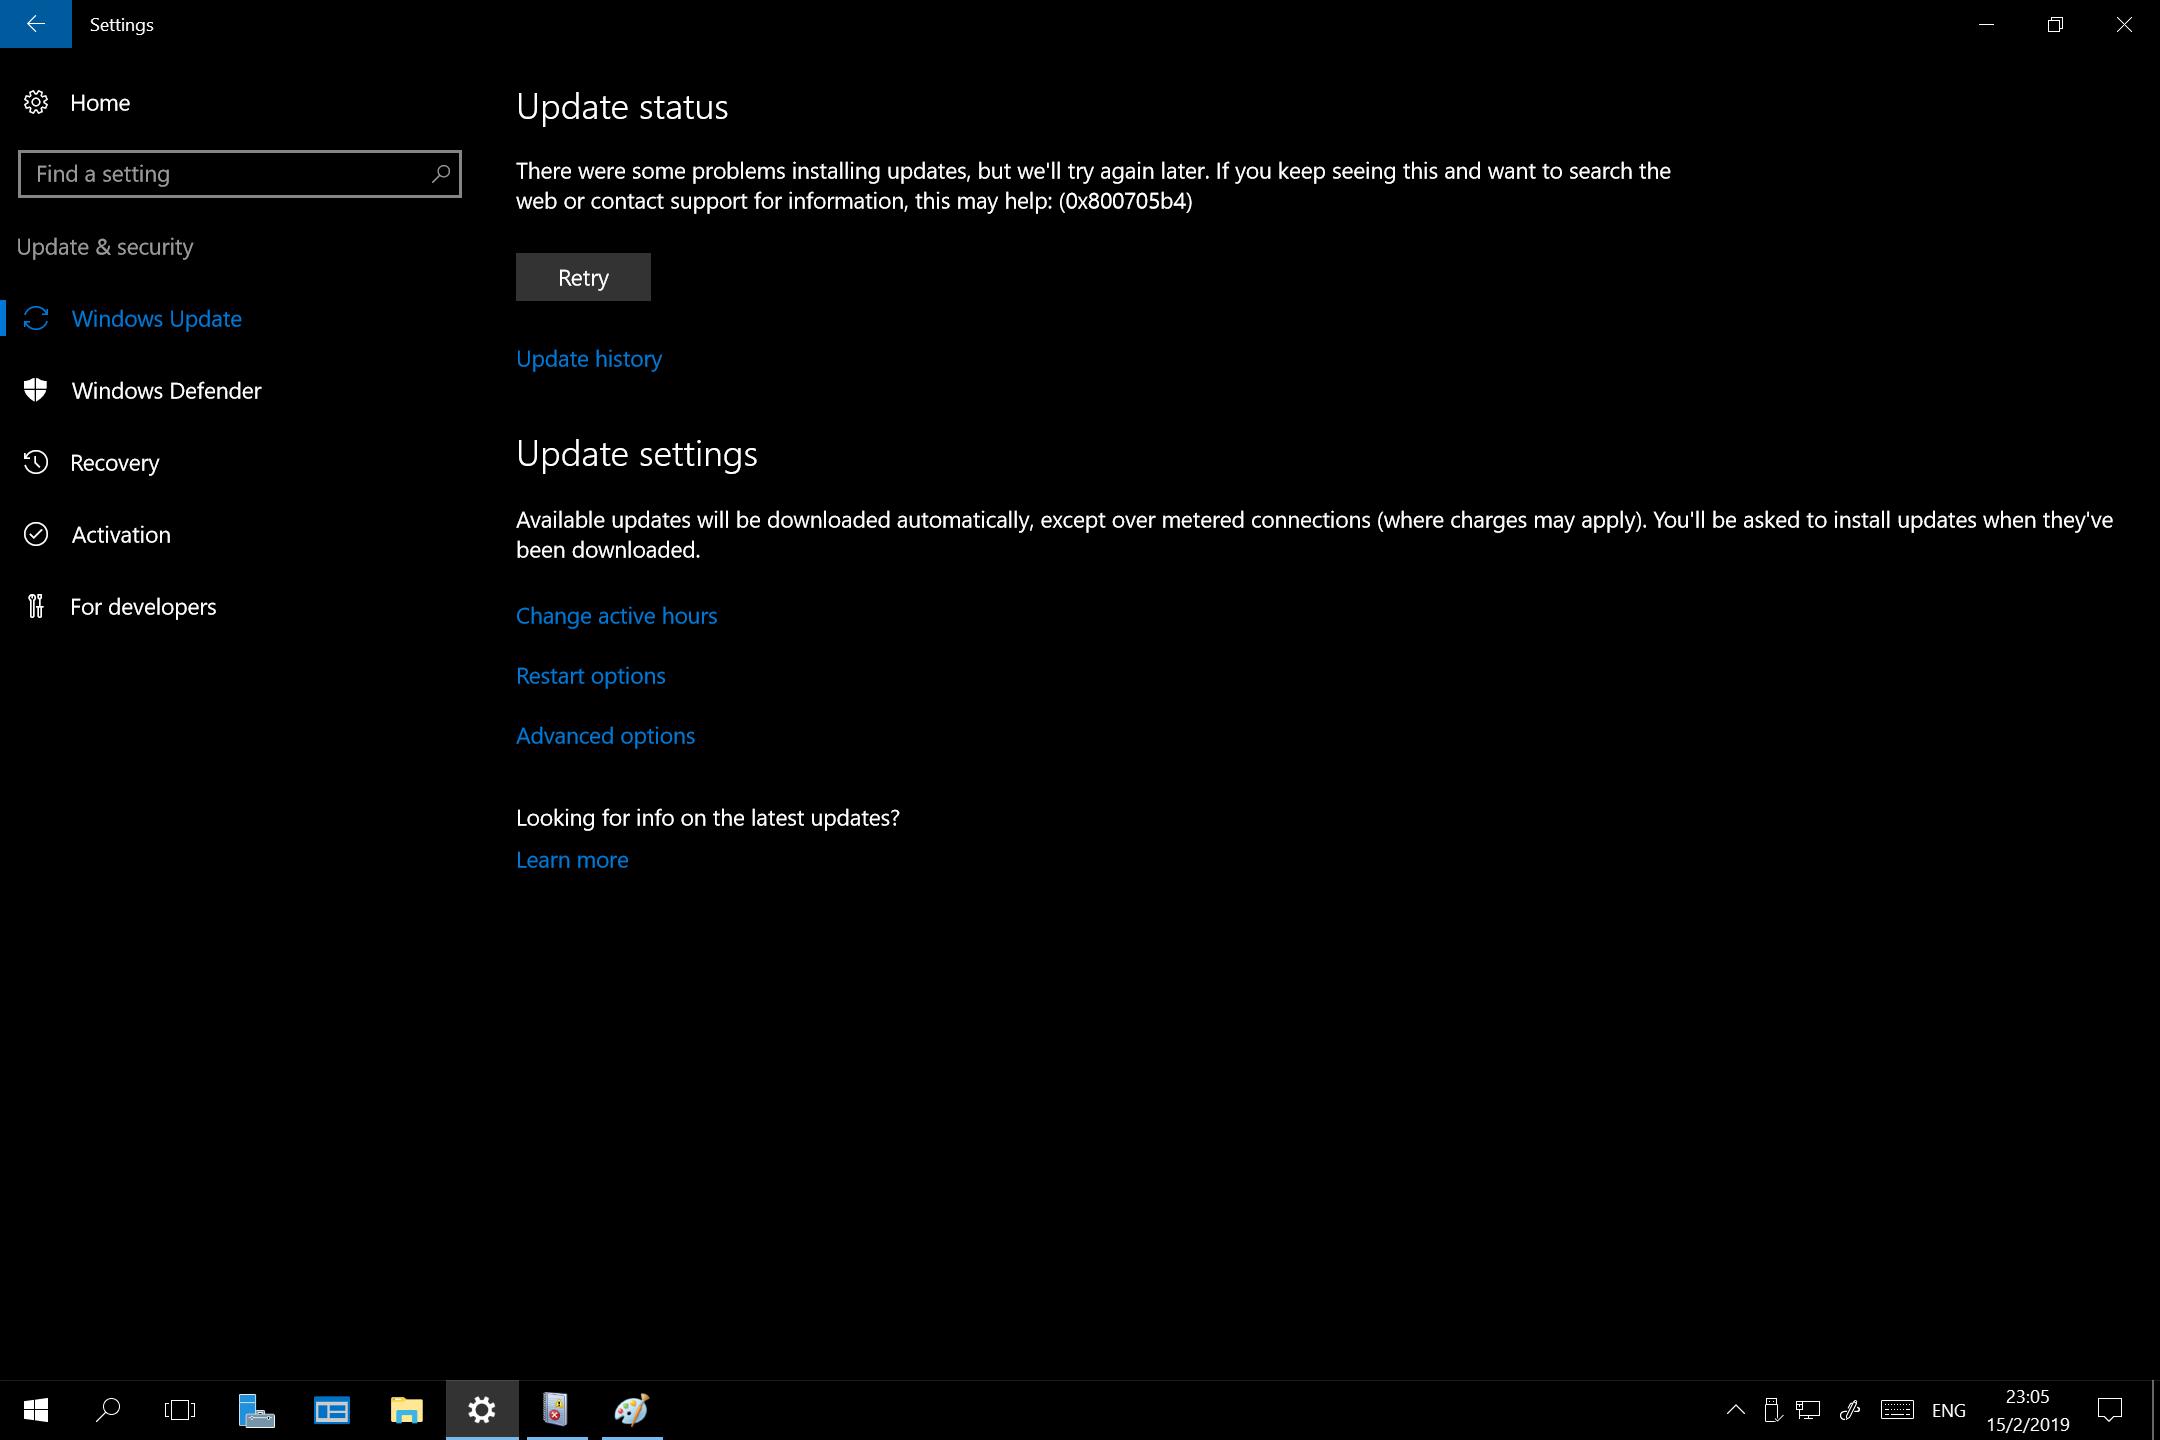 Server 2016 Essentials - Windows Update Stuck